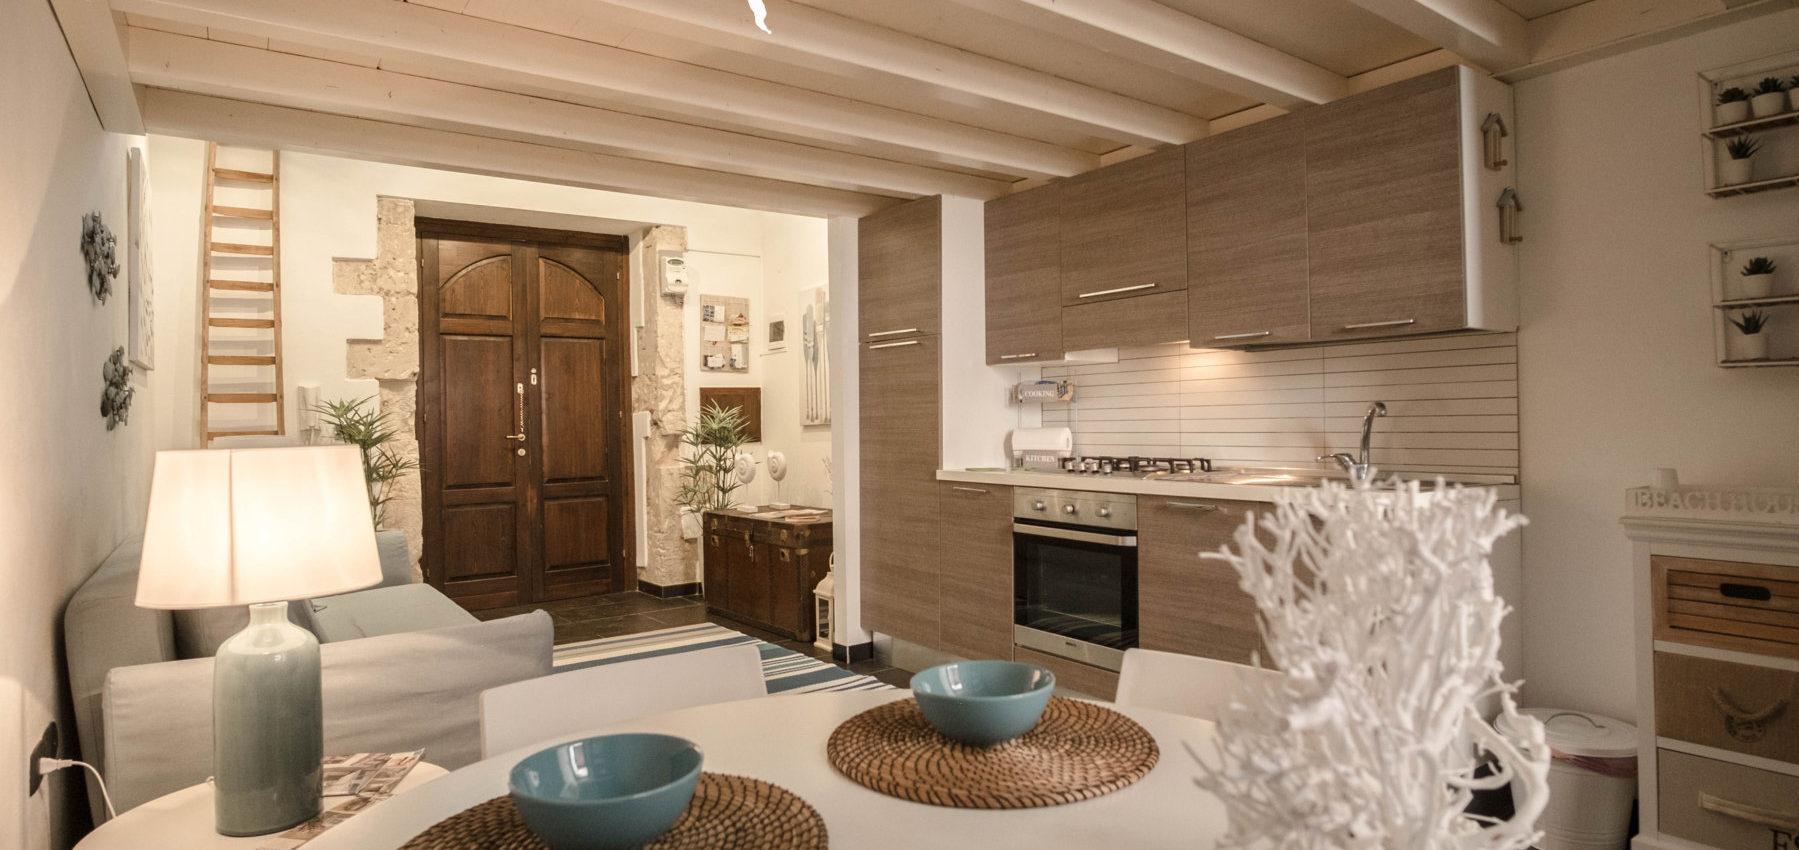 Ortigia *Montalto house for rent